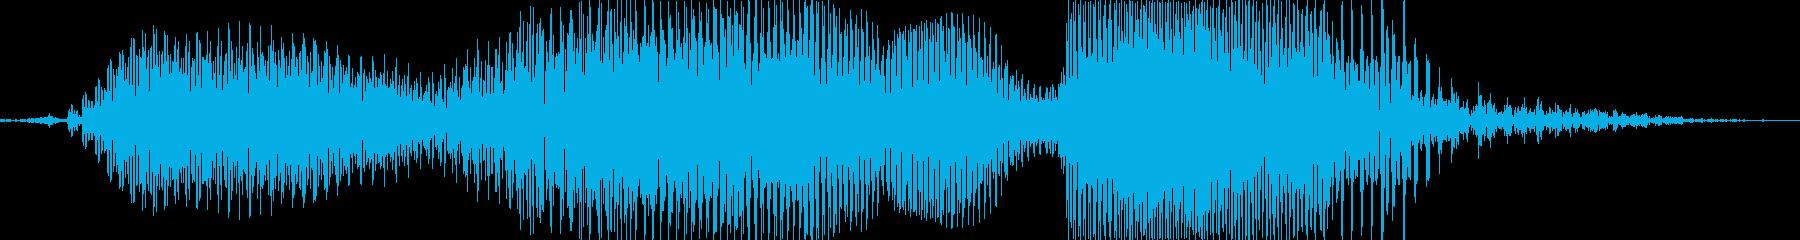 ウィンド!の再生済みの波形